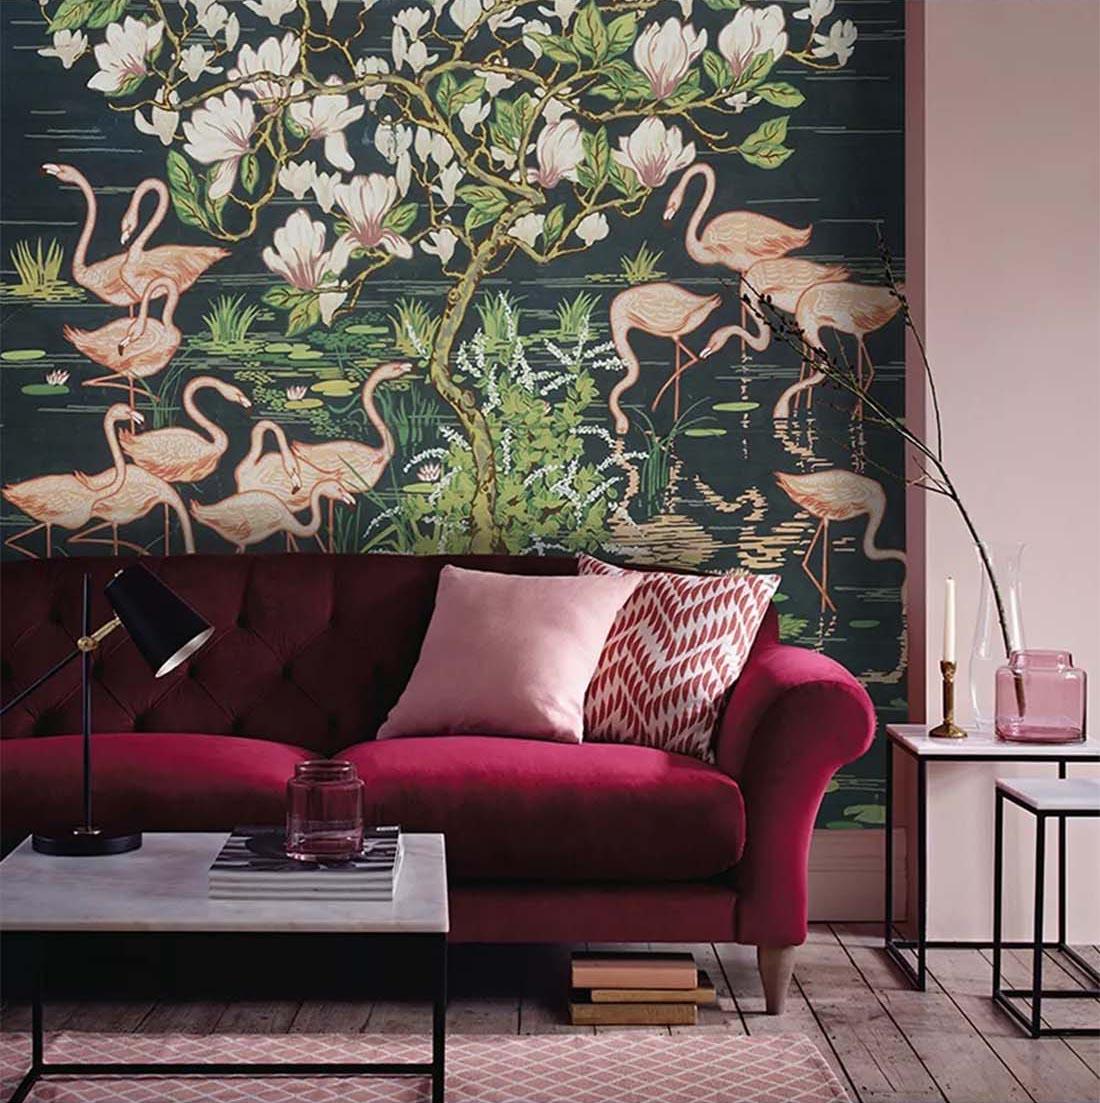 火烈鸟元素壁画